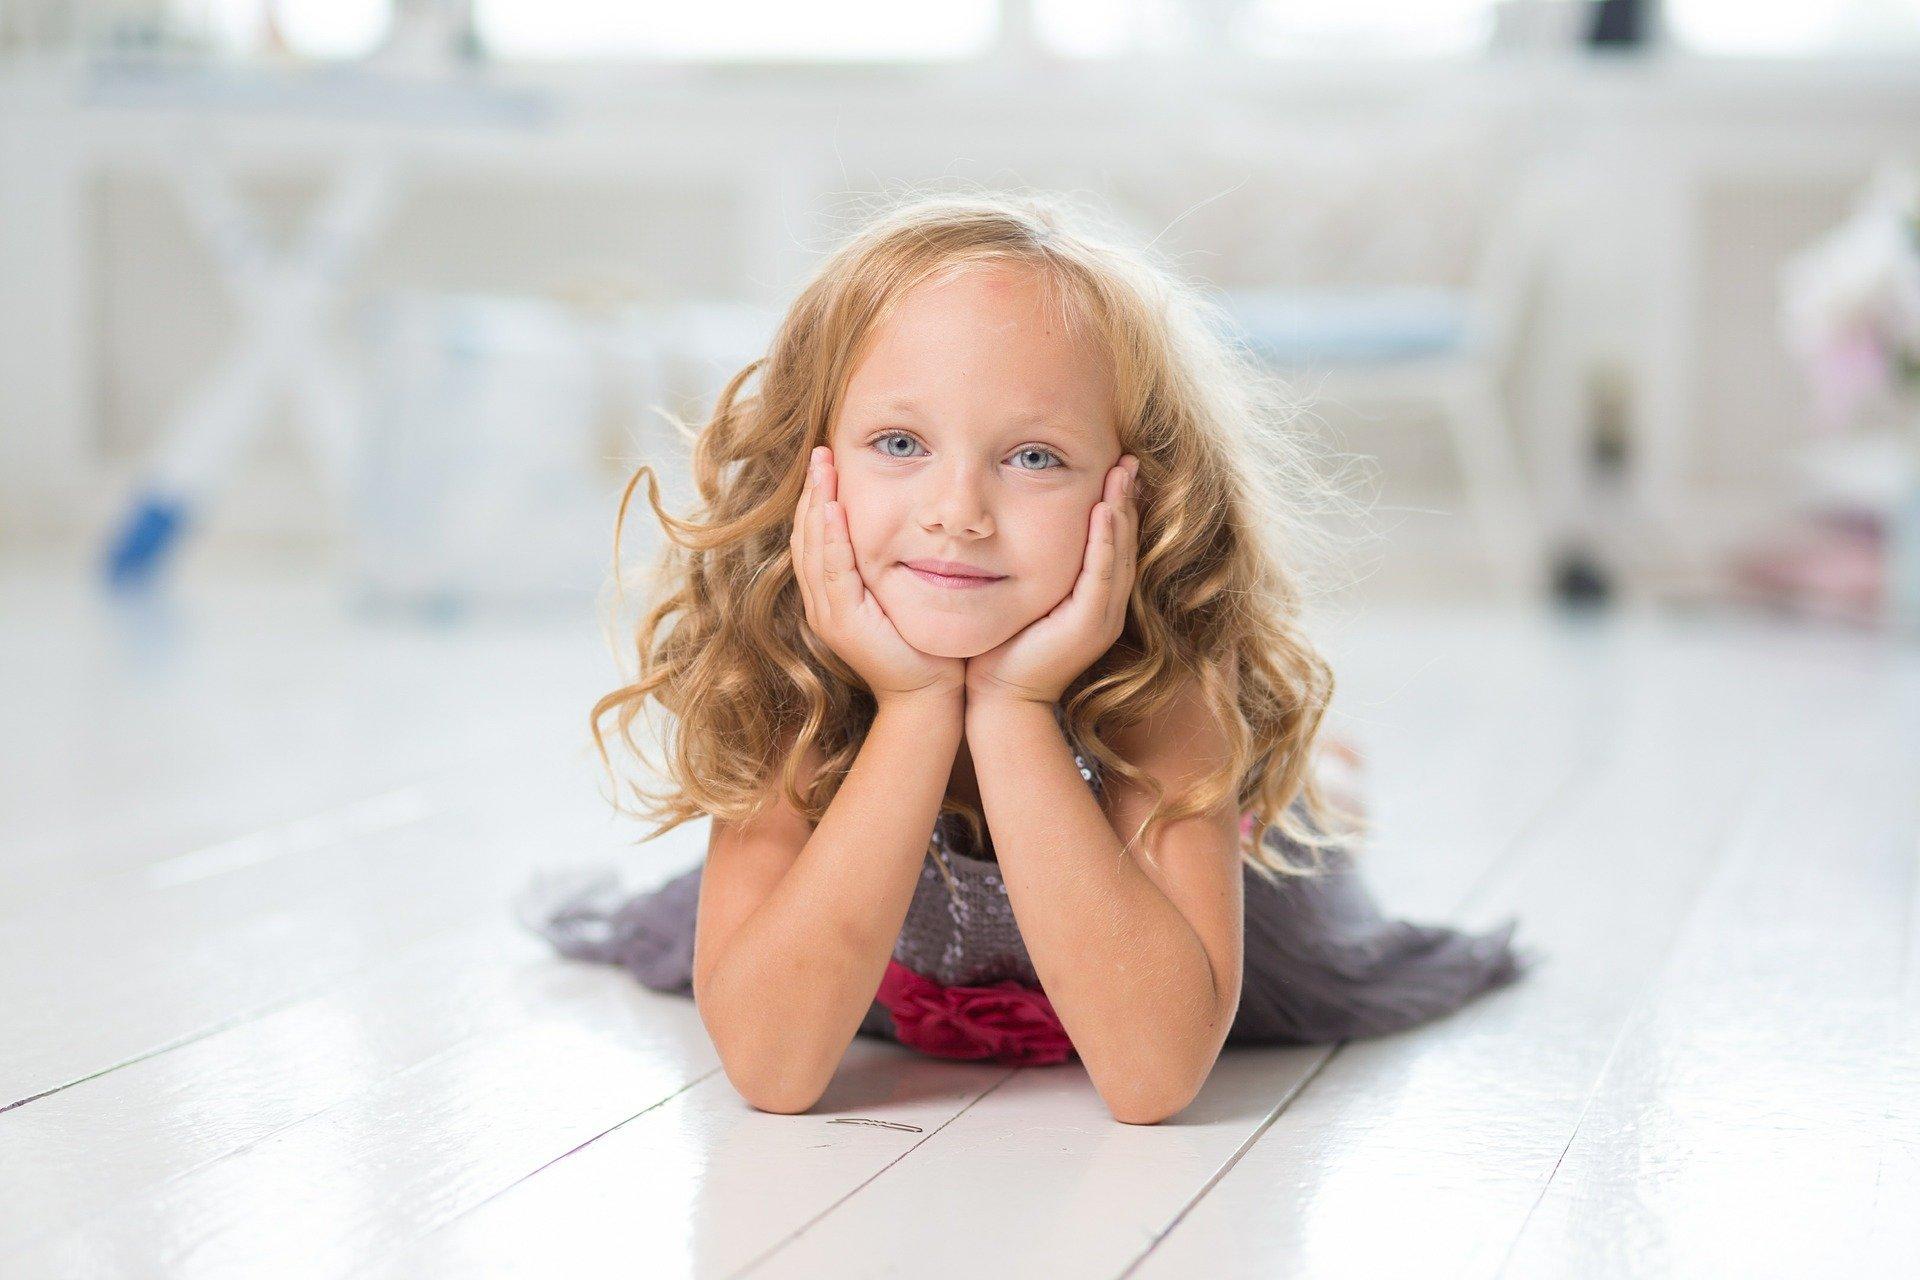 Casting bébés et enfants jusque 9 ans pour une grande marque mondiale de prêt-à-porter pour enfants